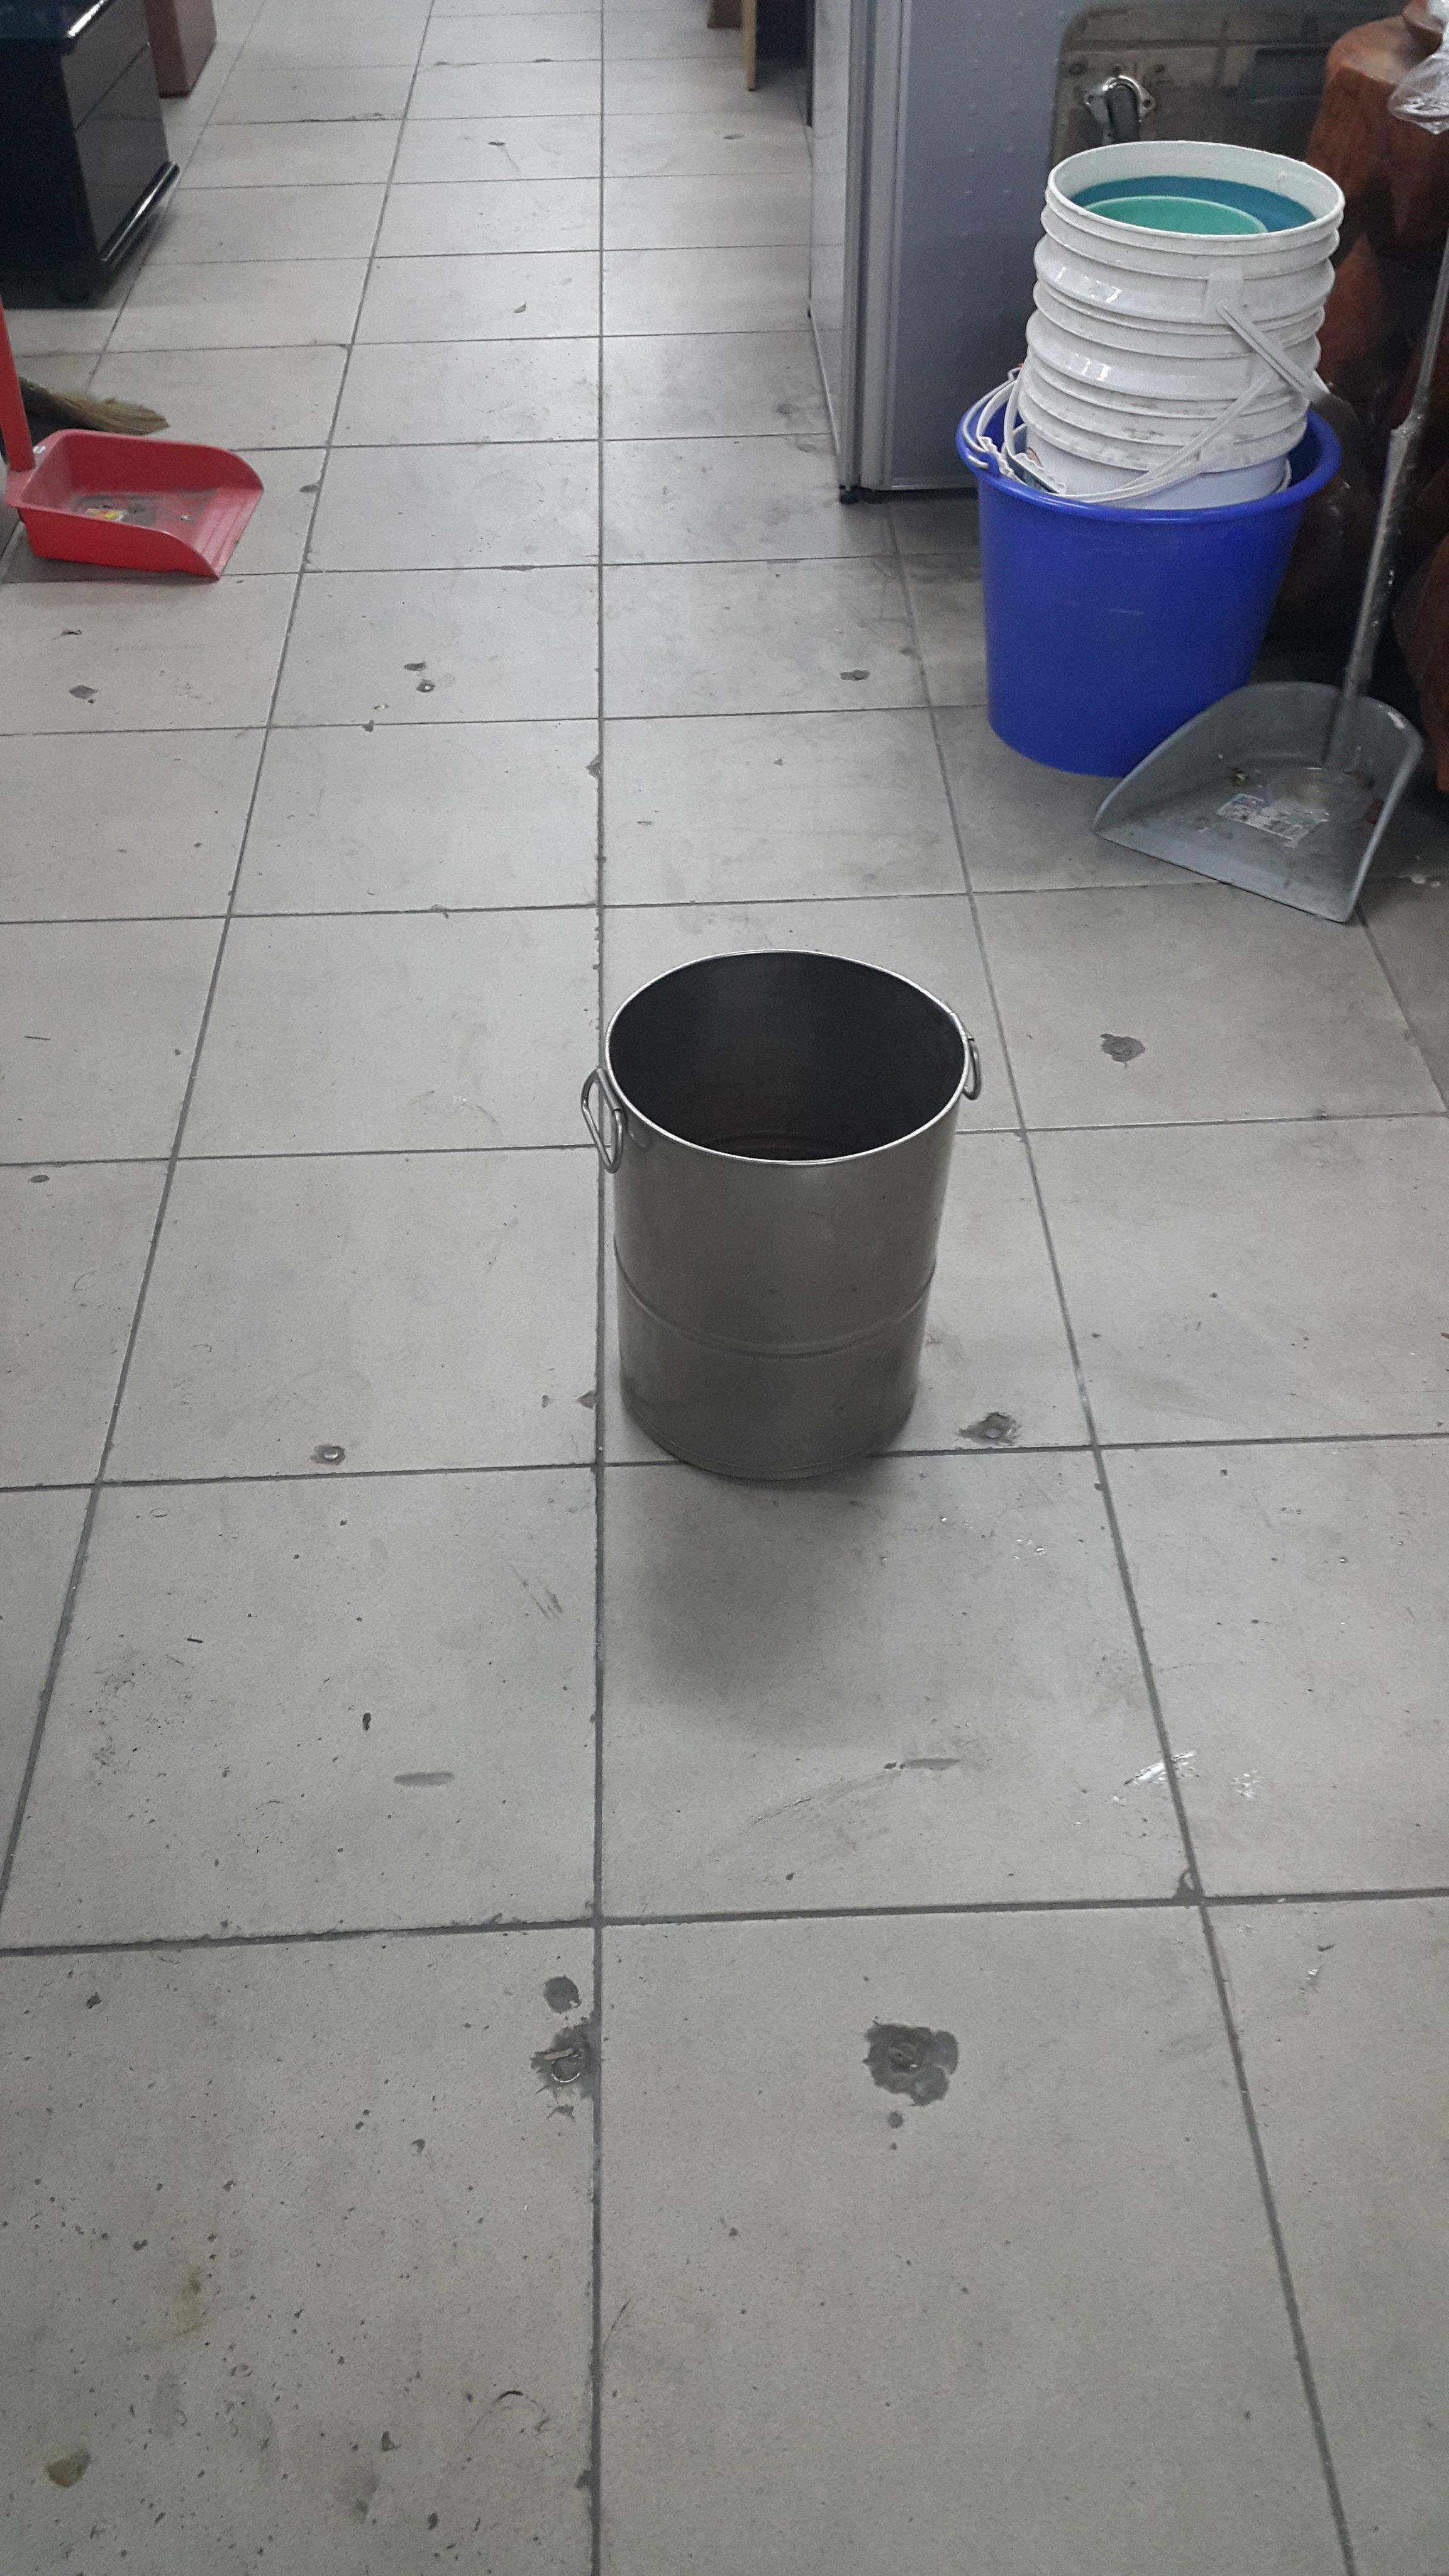 樂居二手家具 全新中古傢俱賣場 X50102CJJ 白鐵茶桶*不鏽鋼豆花桶 冰沙桶 紅茶桶 台中二手家具買賣